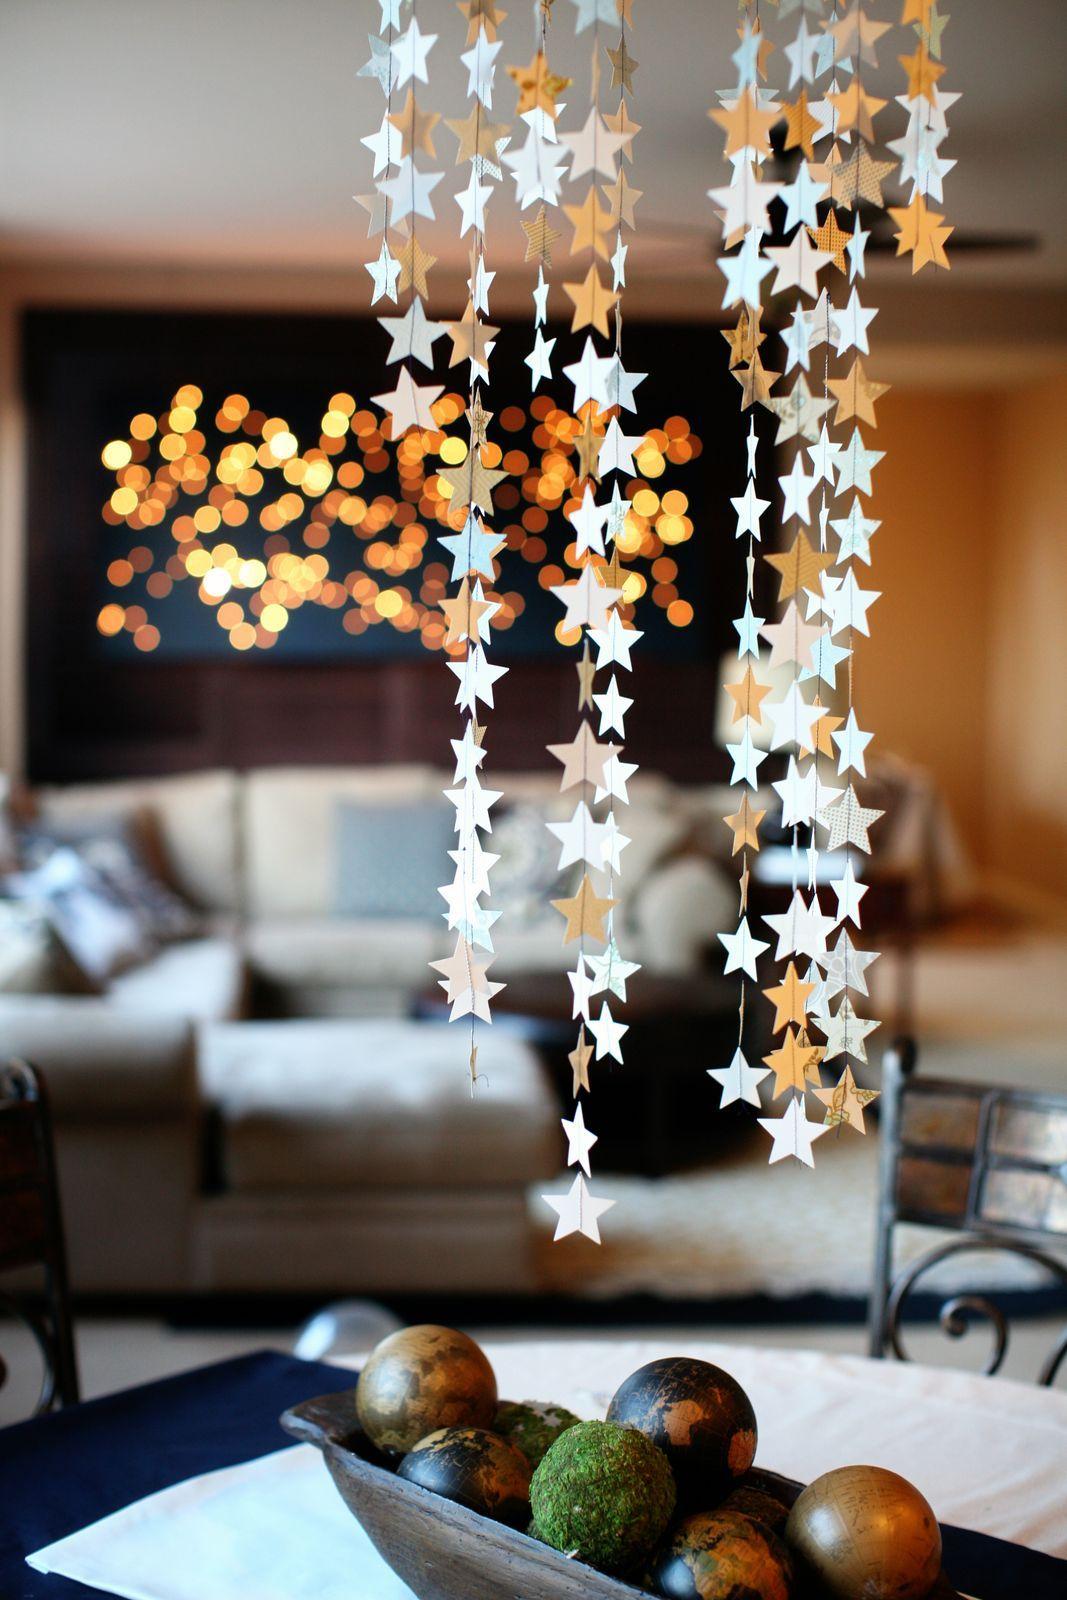 Идеи к новому году своими руками как украсить дом своими руками